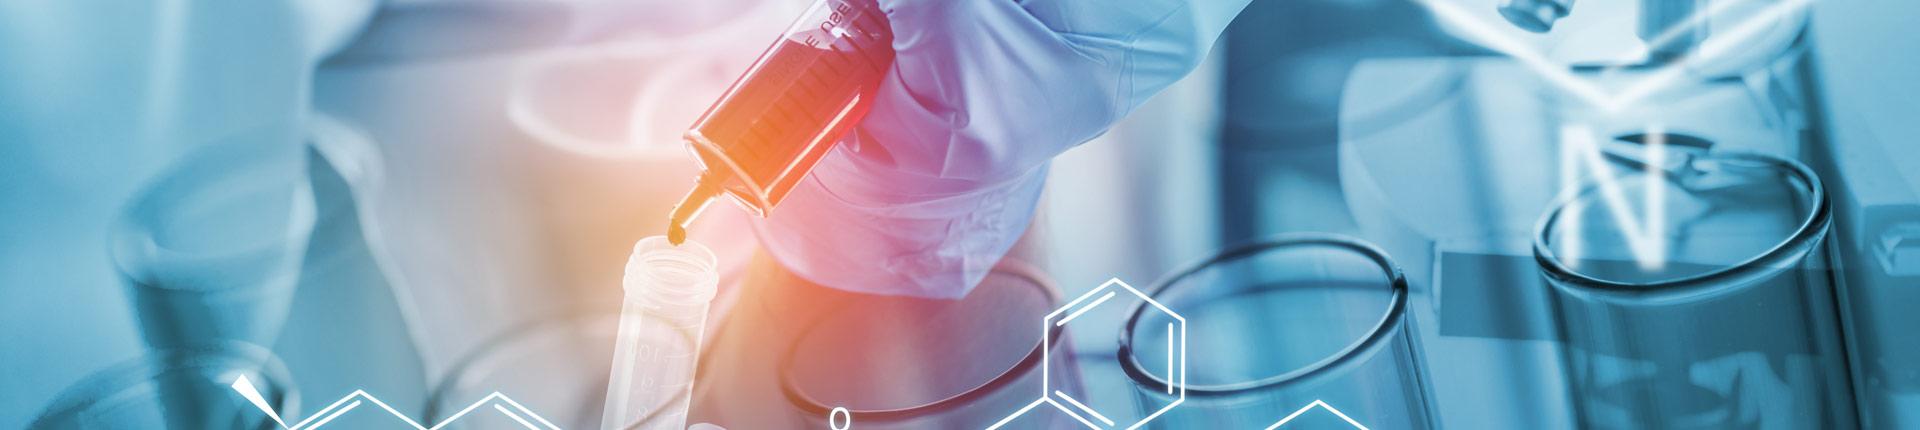 Preparaty kolagenu odmładzają skórę? Kolagen a zmarszczki i elastyczność skóry